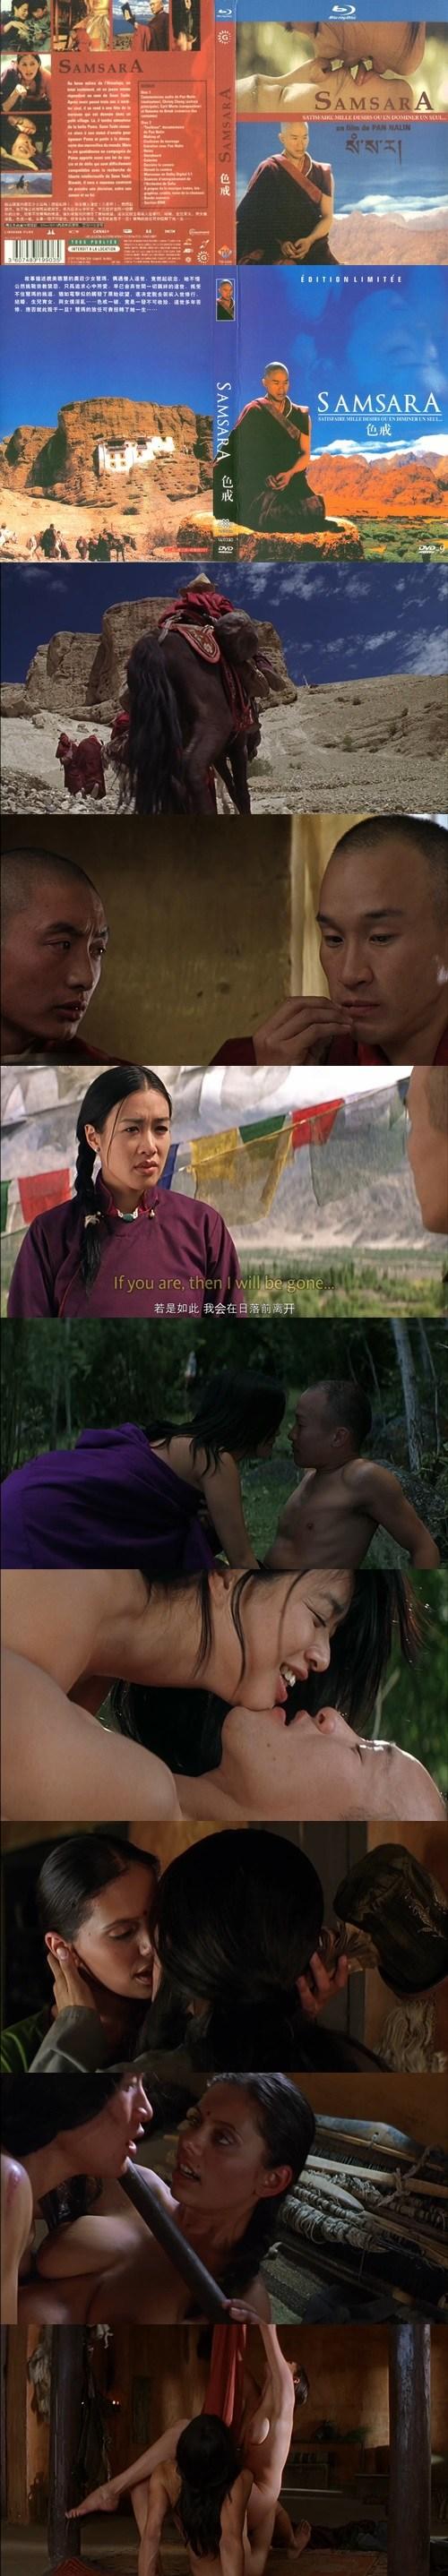 【(18+)西藏簡體中文】色戒(鐘麗緹版).HD.1080p